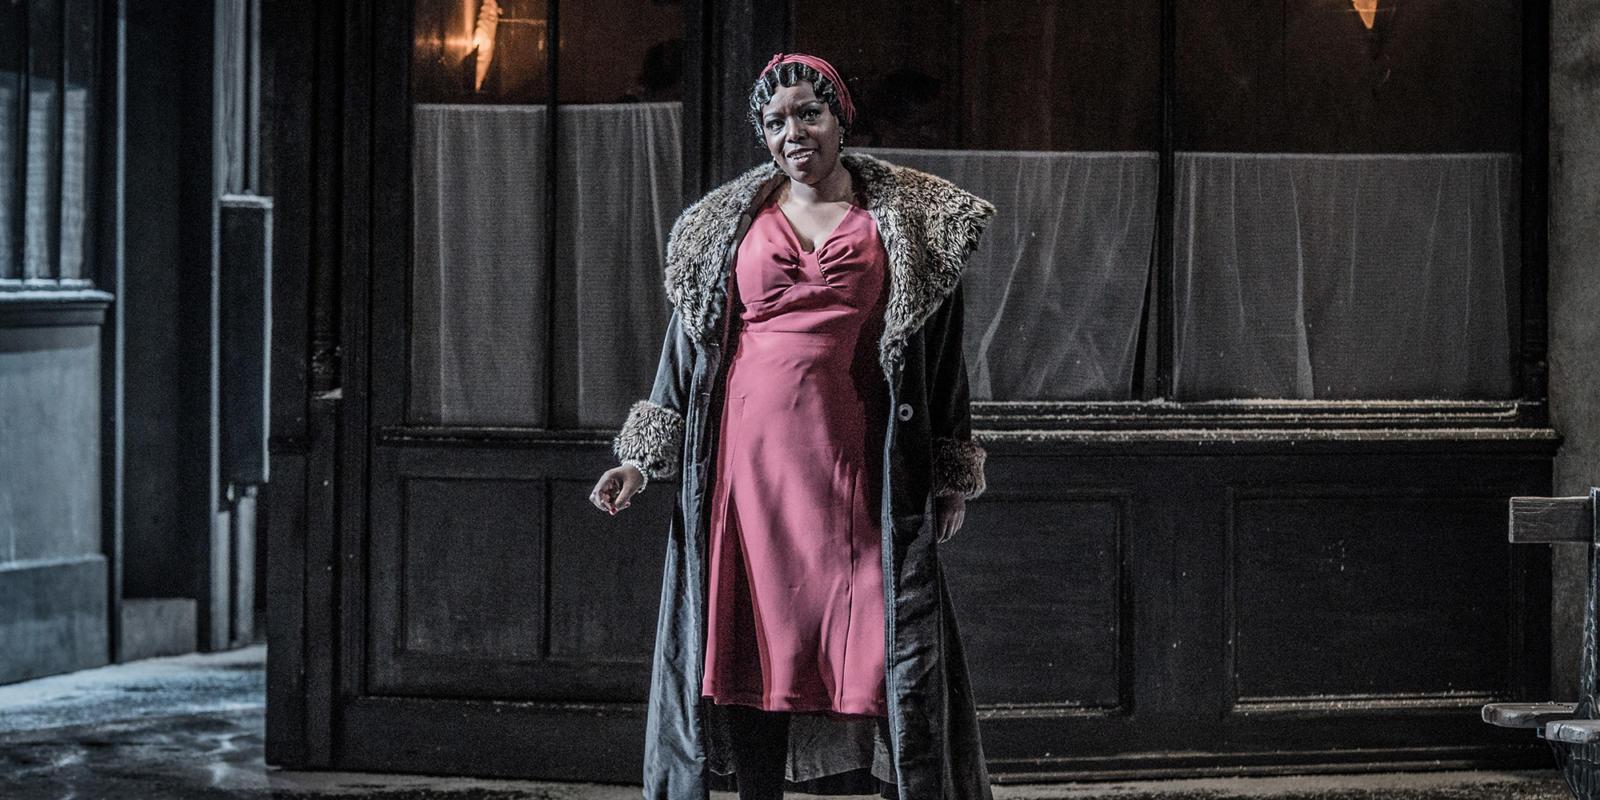 ENO La bohème: Nadine Benjamin as Musetta (c) Robert Workman